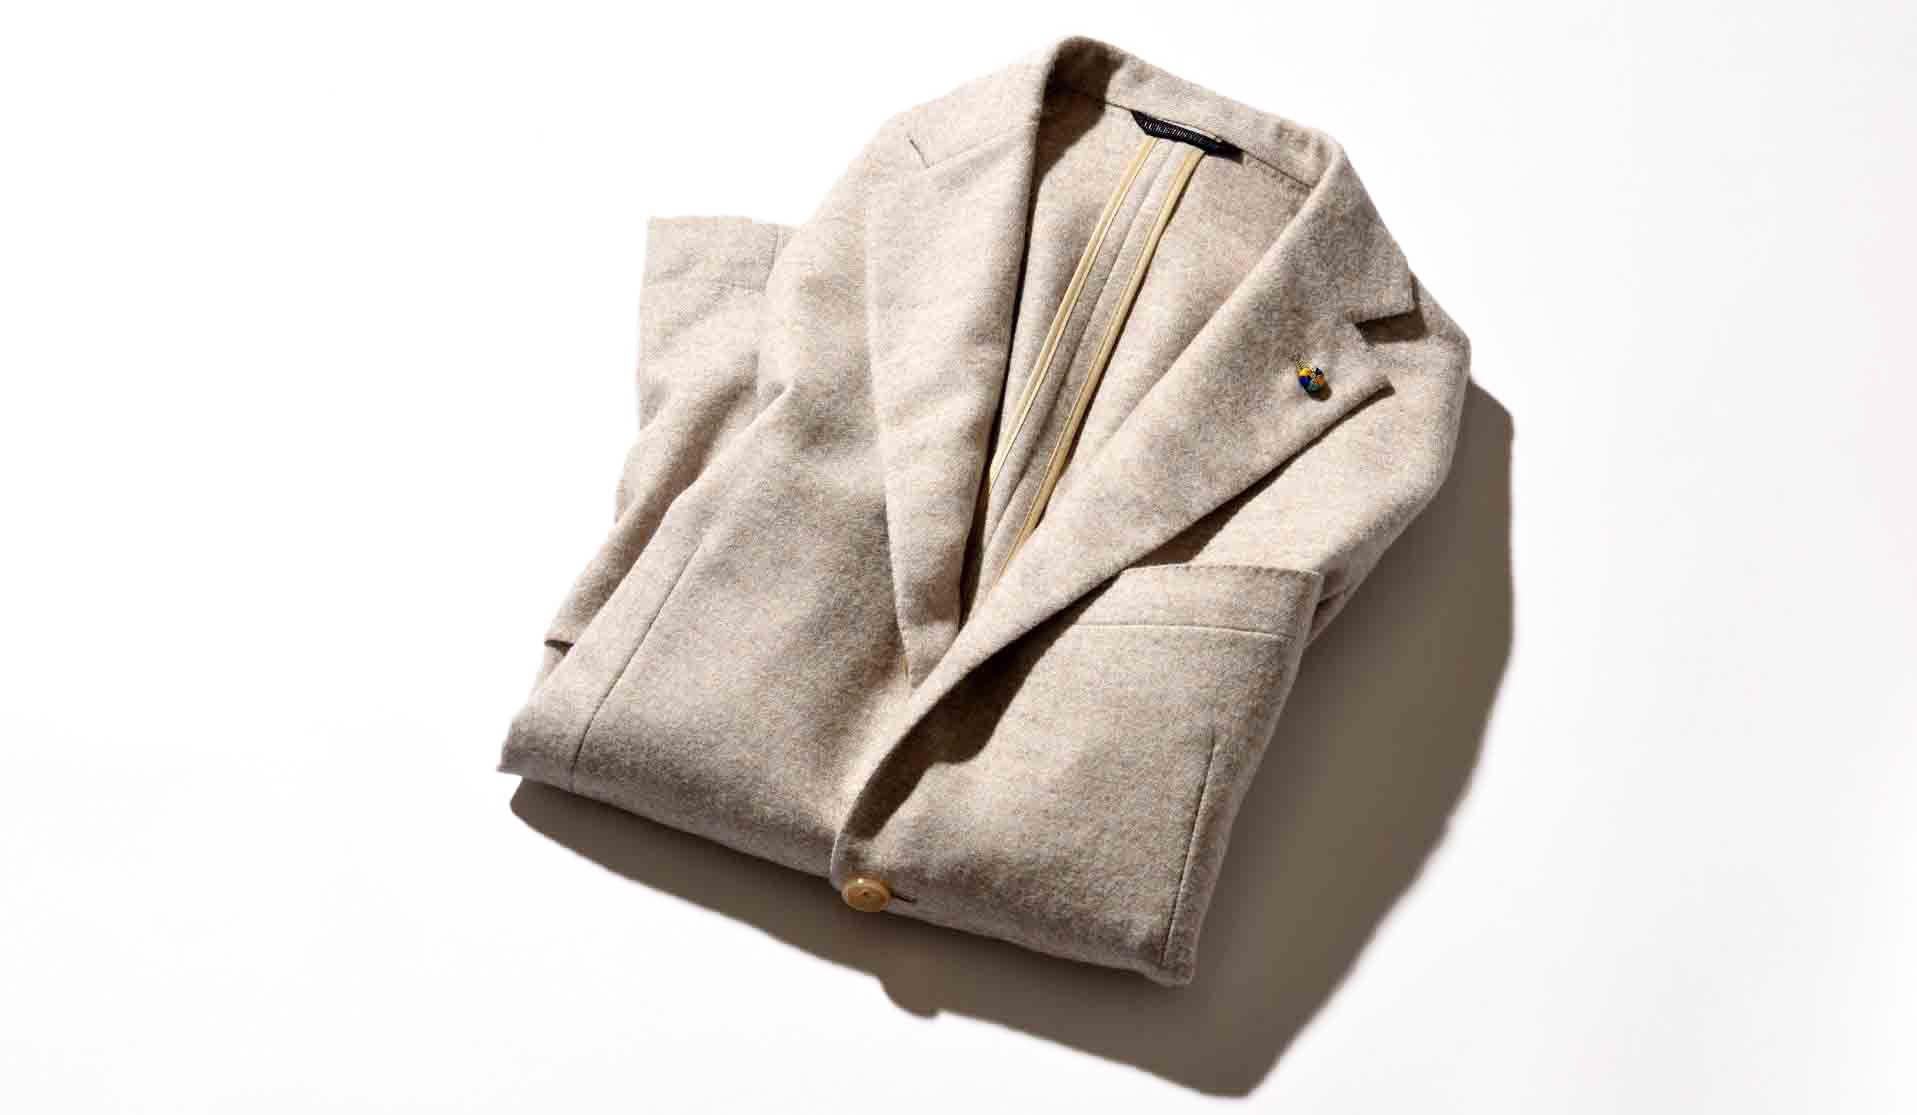 ベルヴェストのアルパカ製ジャケット「ジャケット イン ザ ボックス」